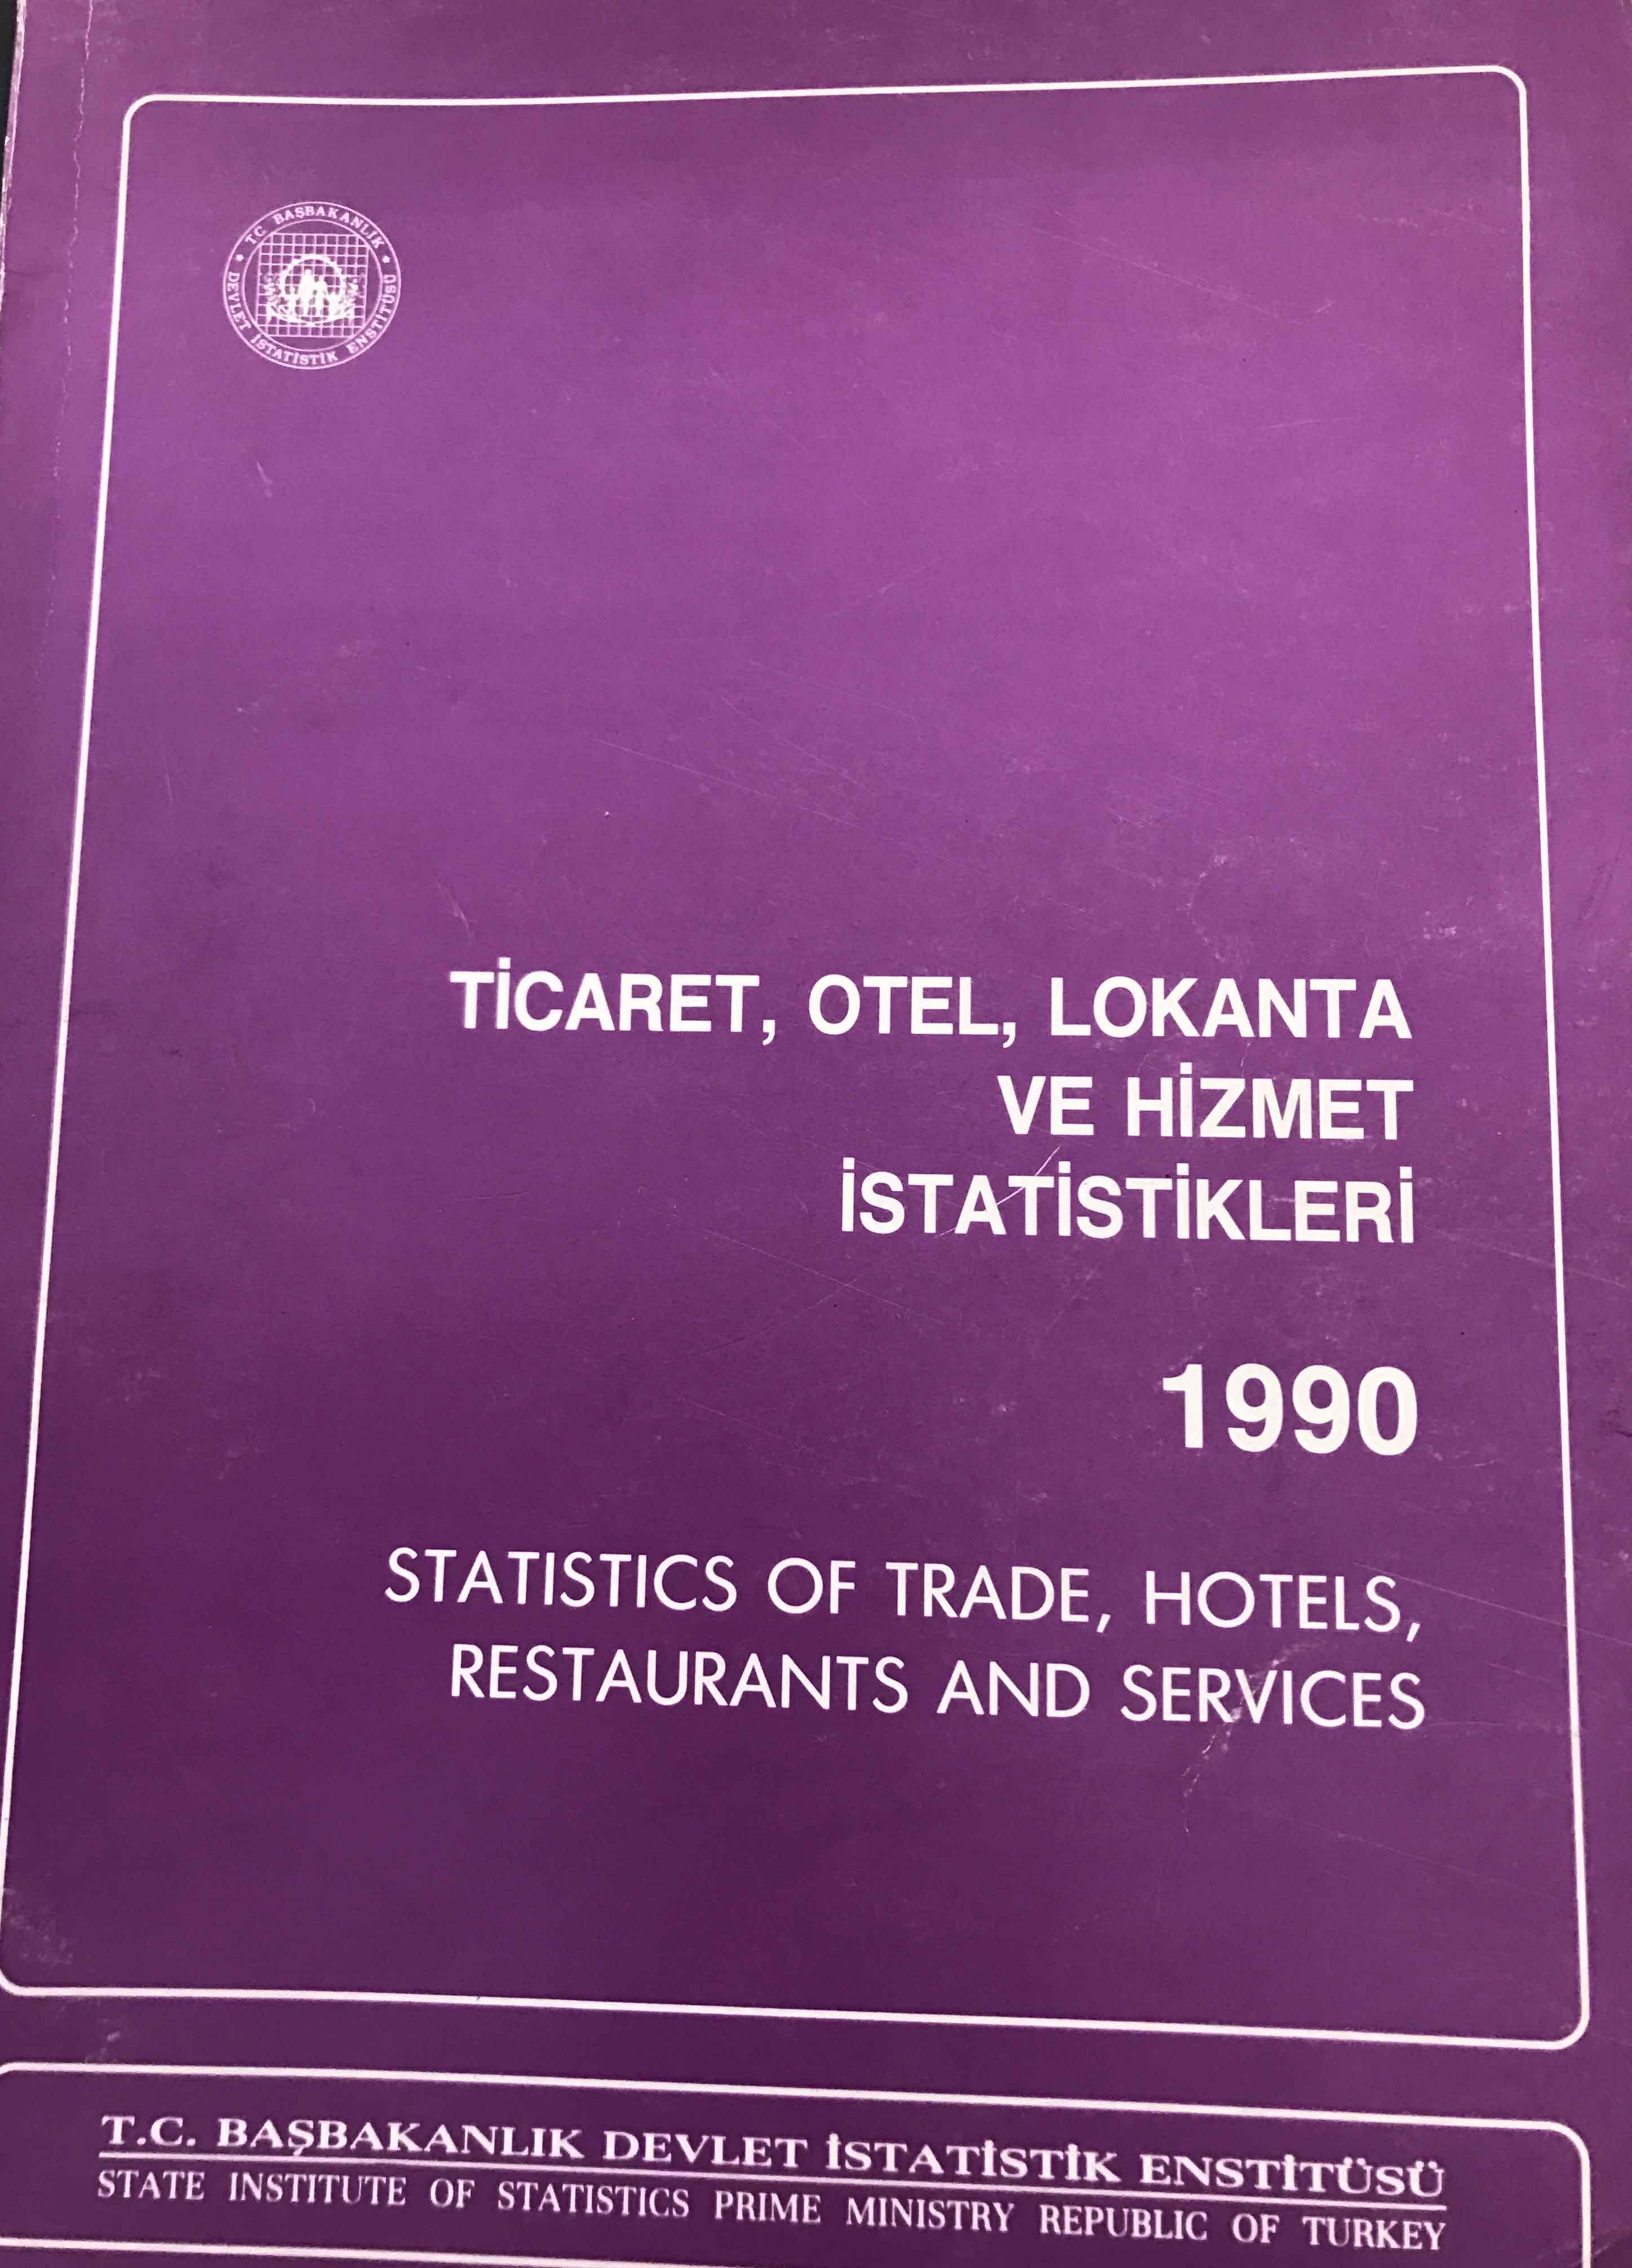 Ticaret, Otel, Lokanta ve Hizmet İstatistikleri 1990 Kitap Kapağı